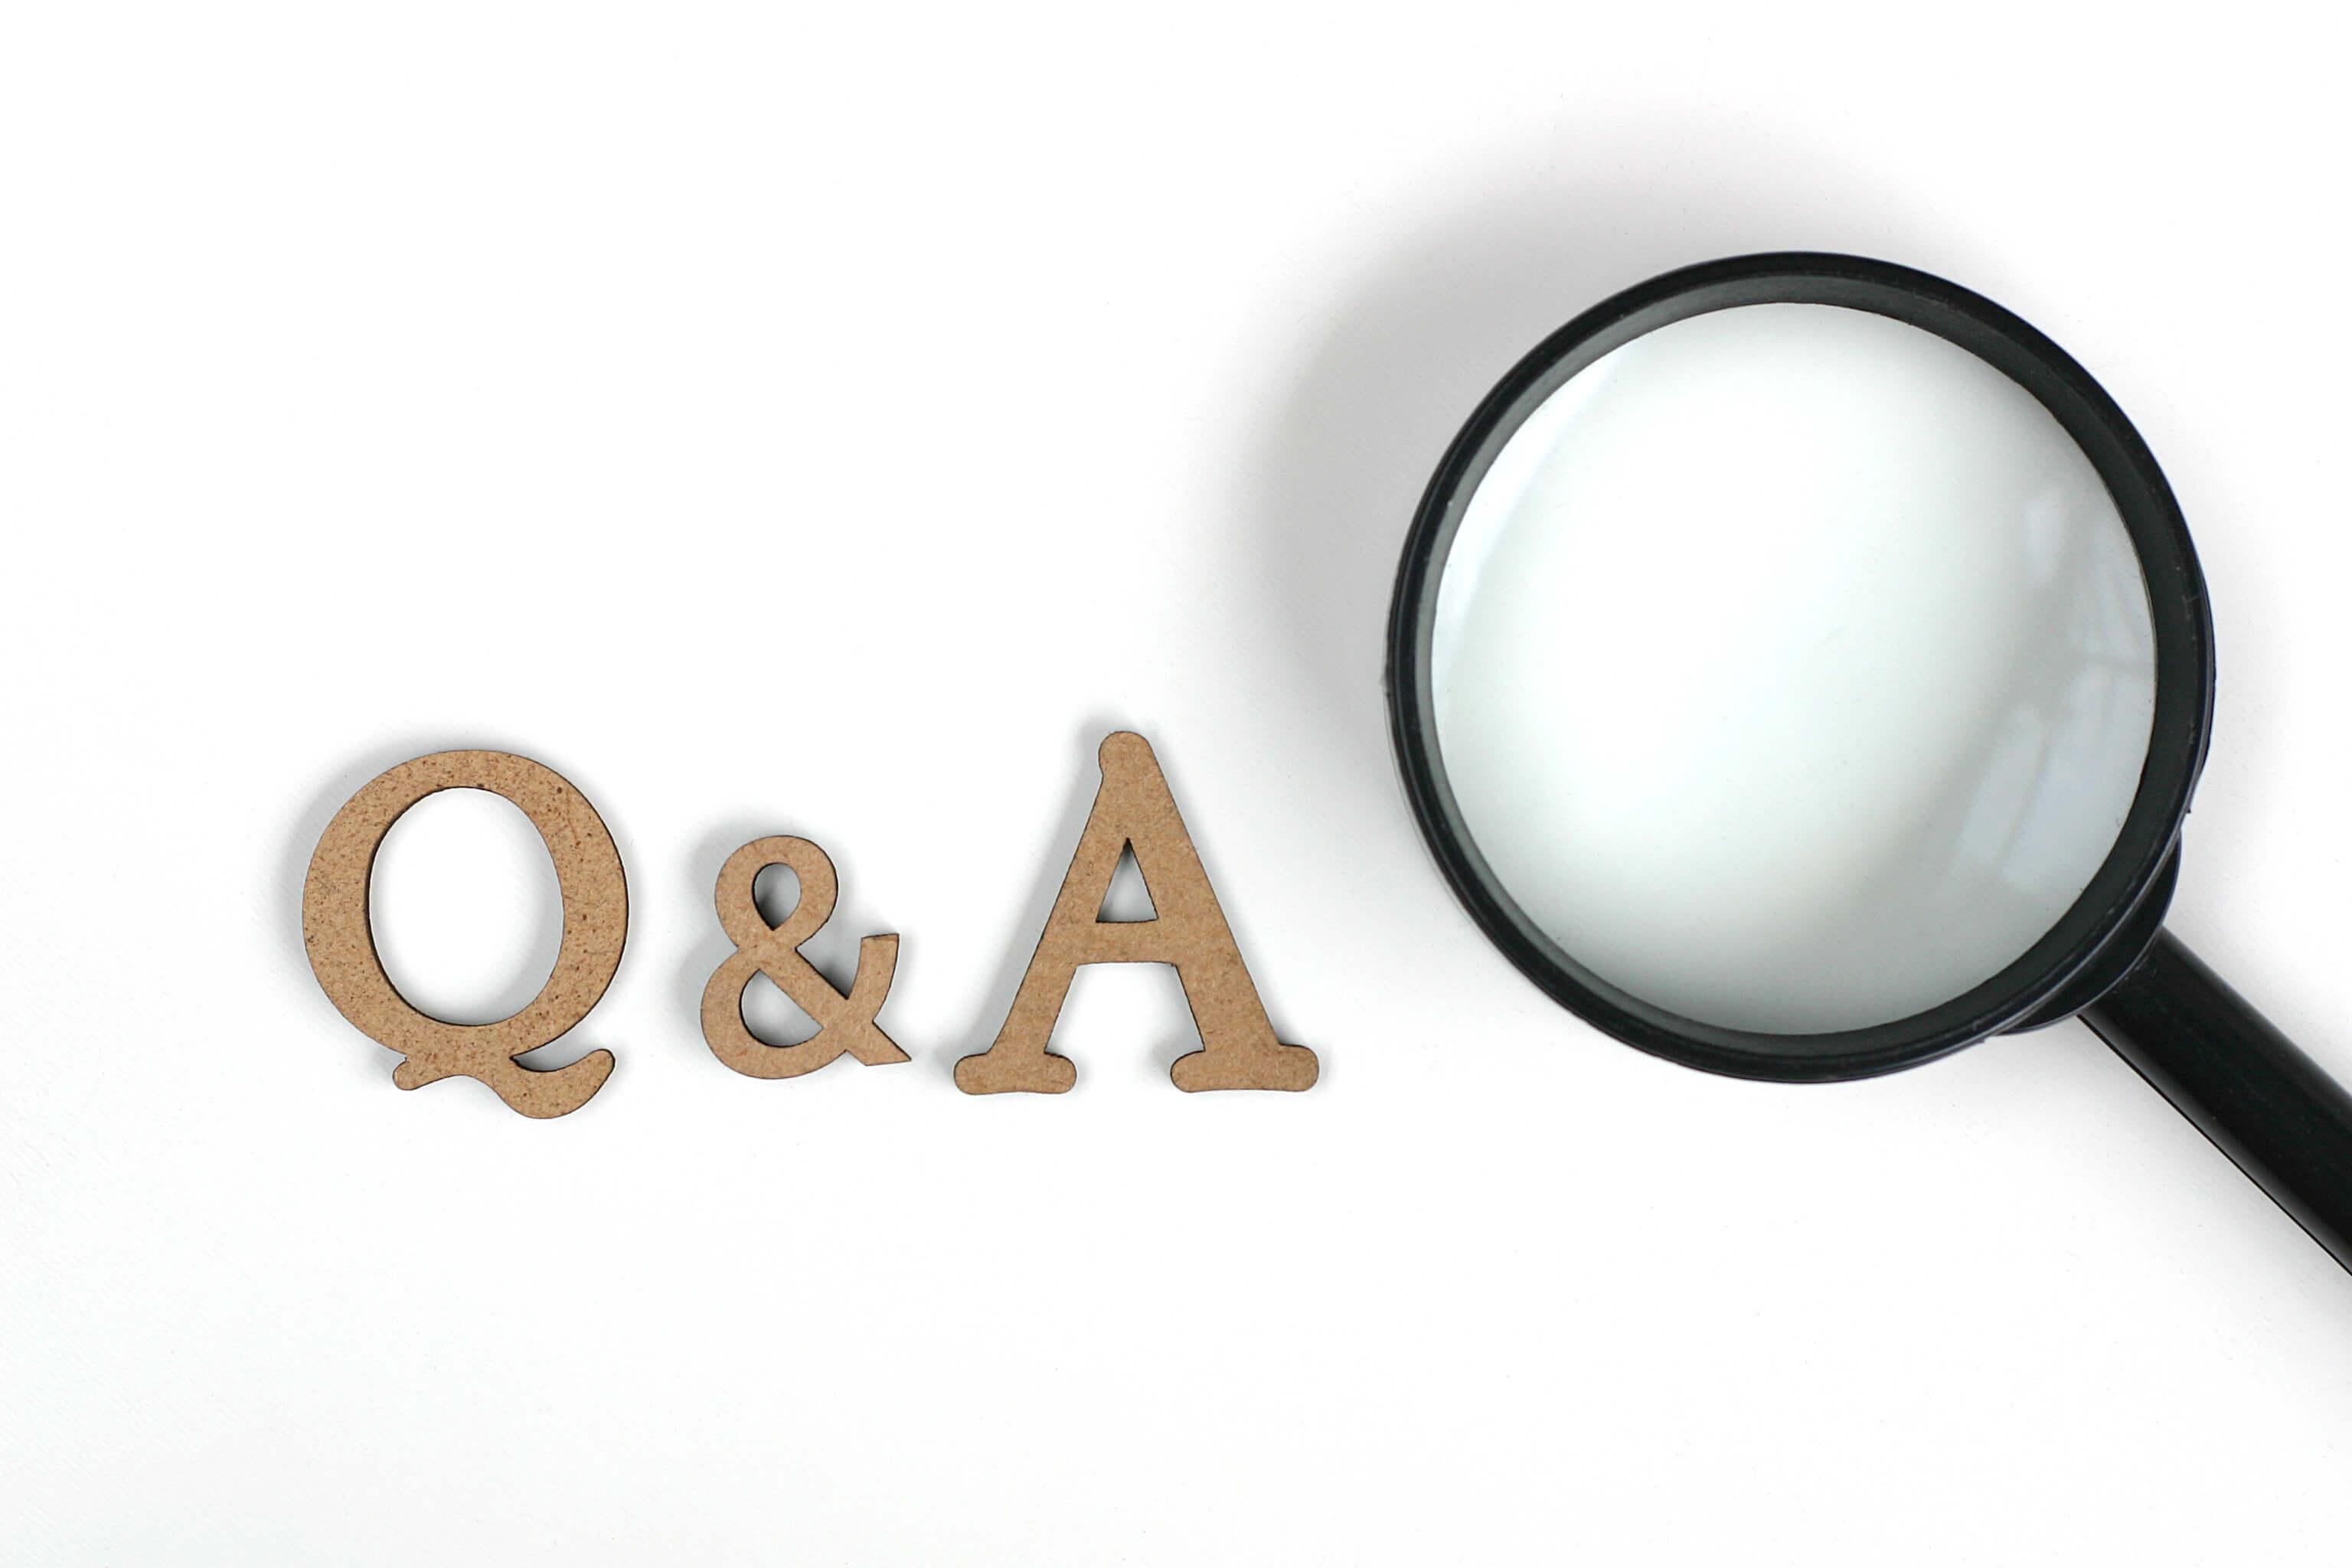 正社員になりたいけどブラック企業は嫌...高卒フリーターの方からよくある質問Q&A